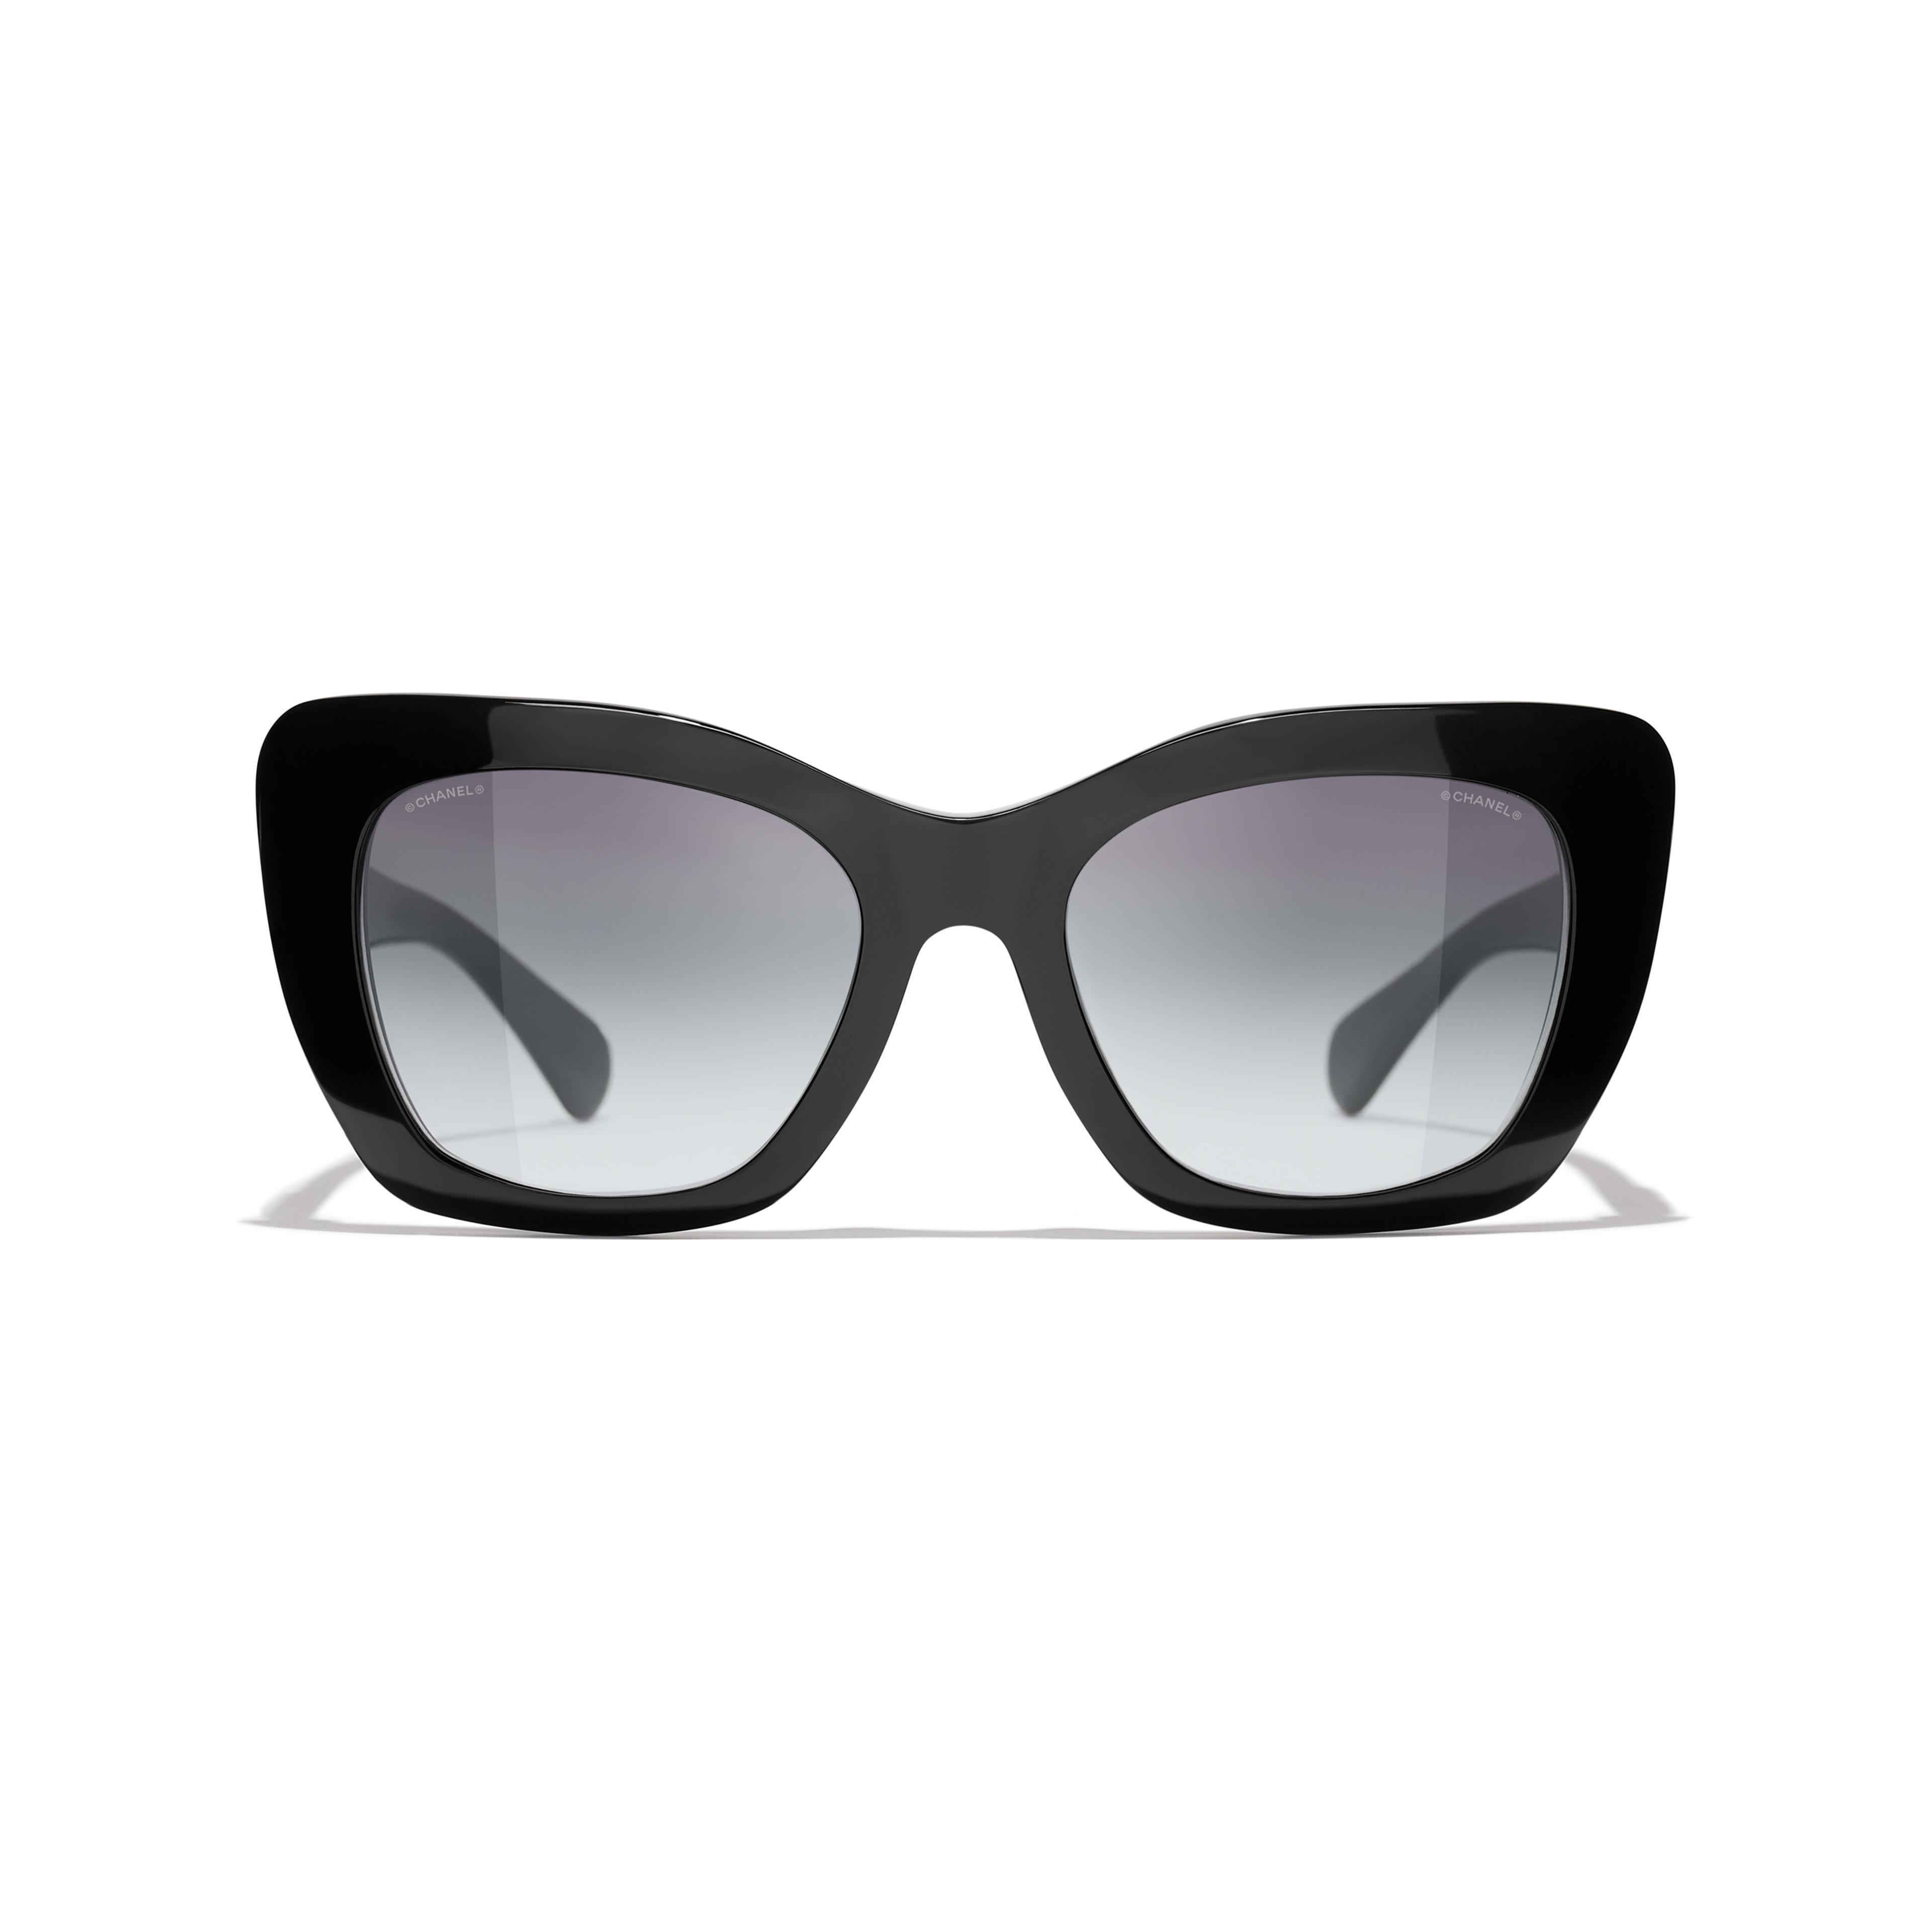 Óculos de sol com formato felino - Preto - Acetato - CHANEL - Vista alternativa - ver a versão em tamanho standard